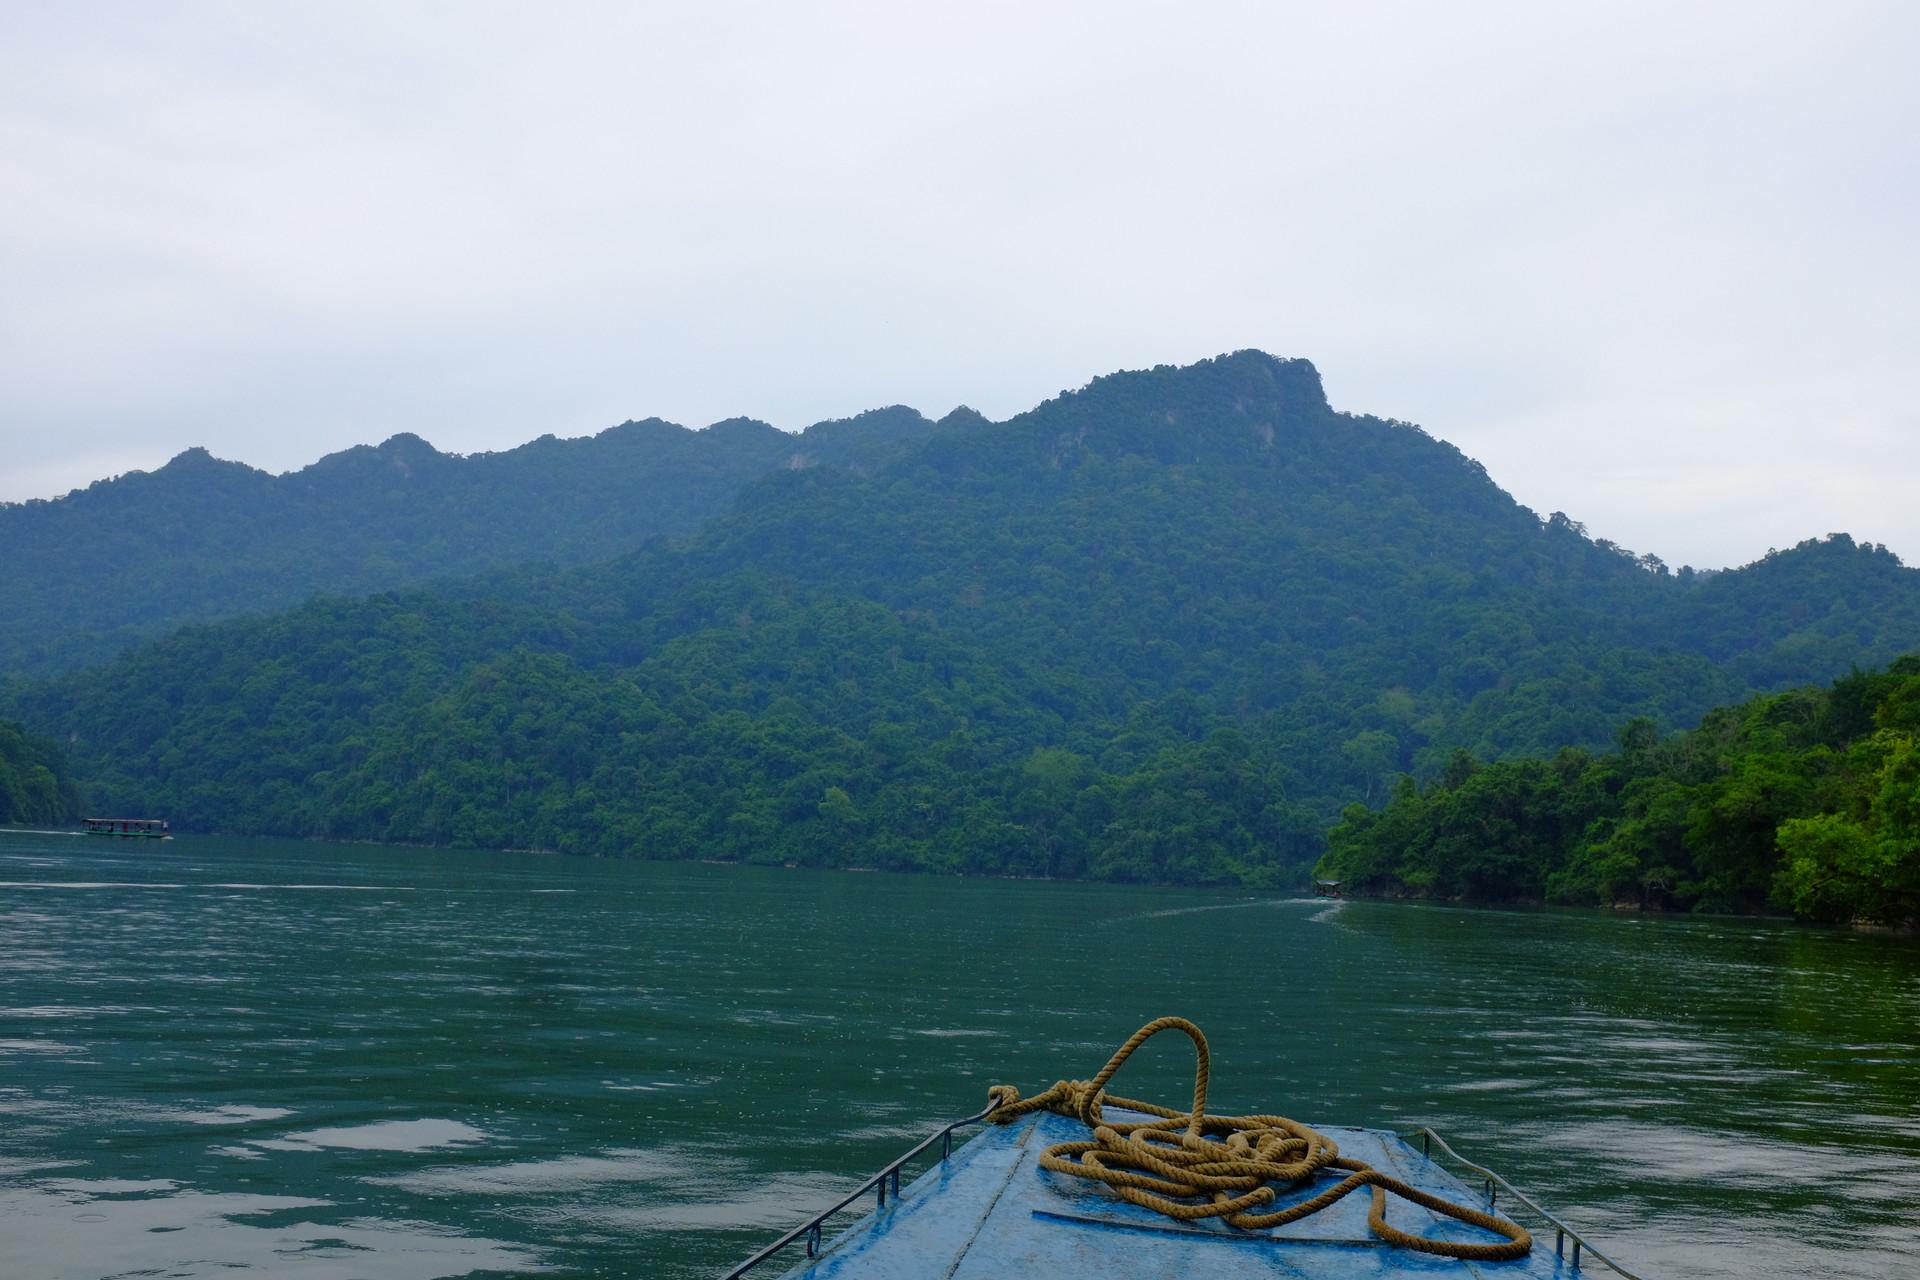 Ba Be lake in Bac Kan. Photo: erasmusu